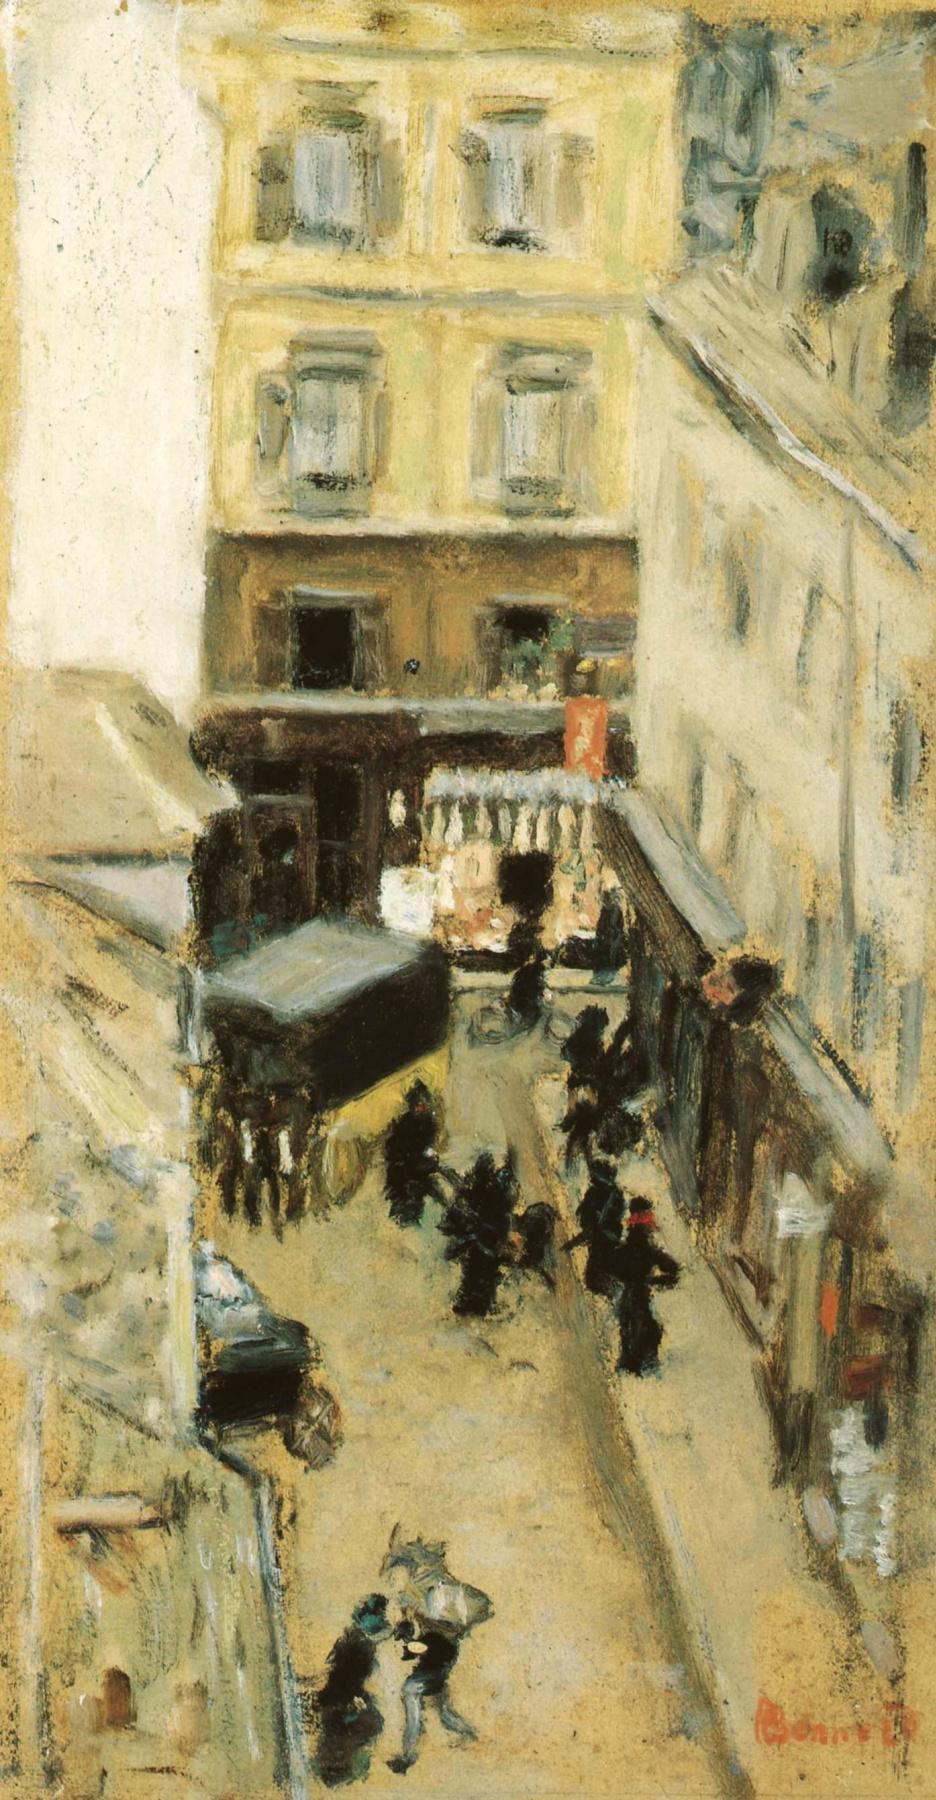 Pierre Bonnard. Narrow street of Paris